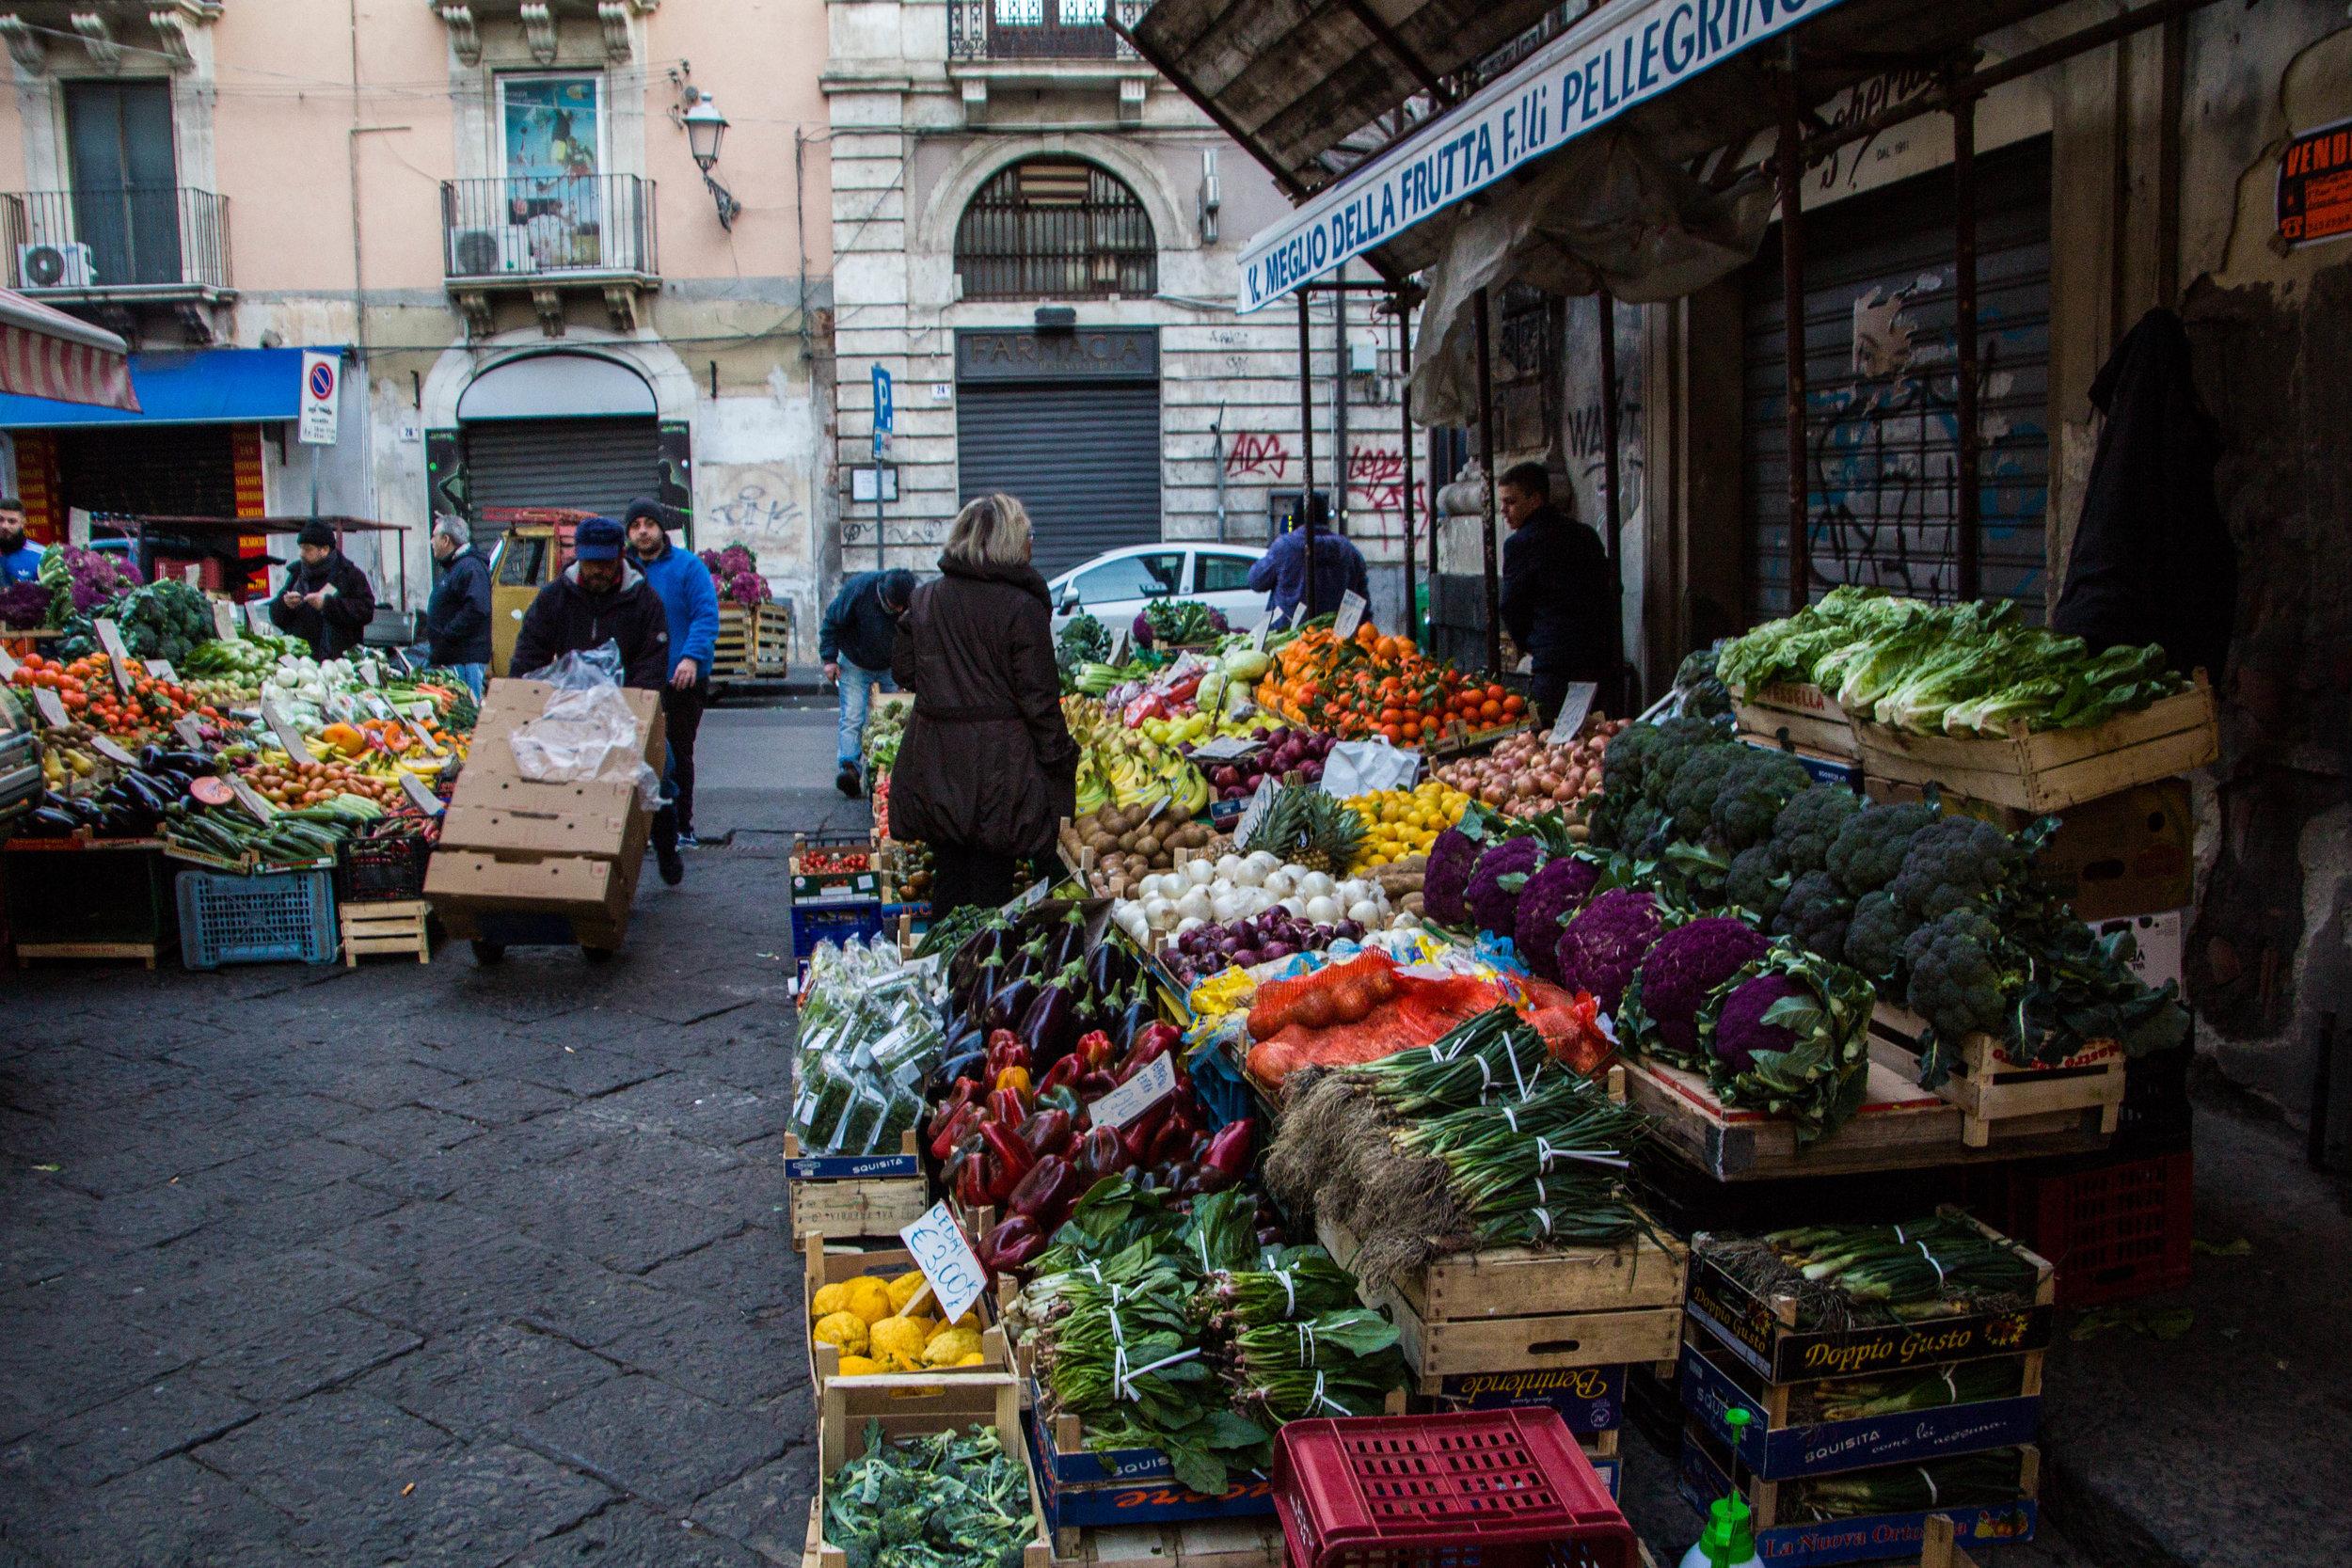 fish-market-catania-sicily-35.jpg